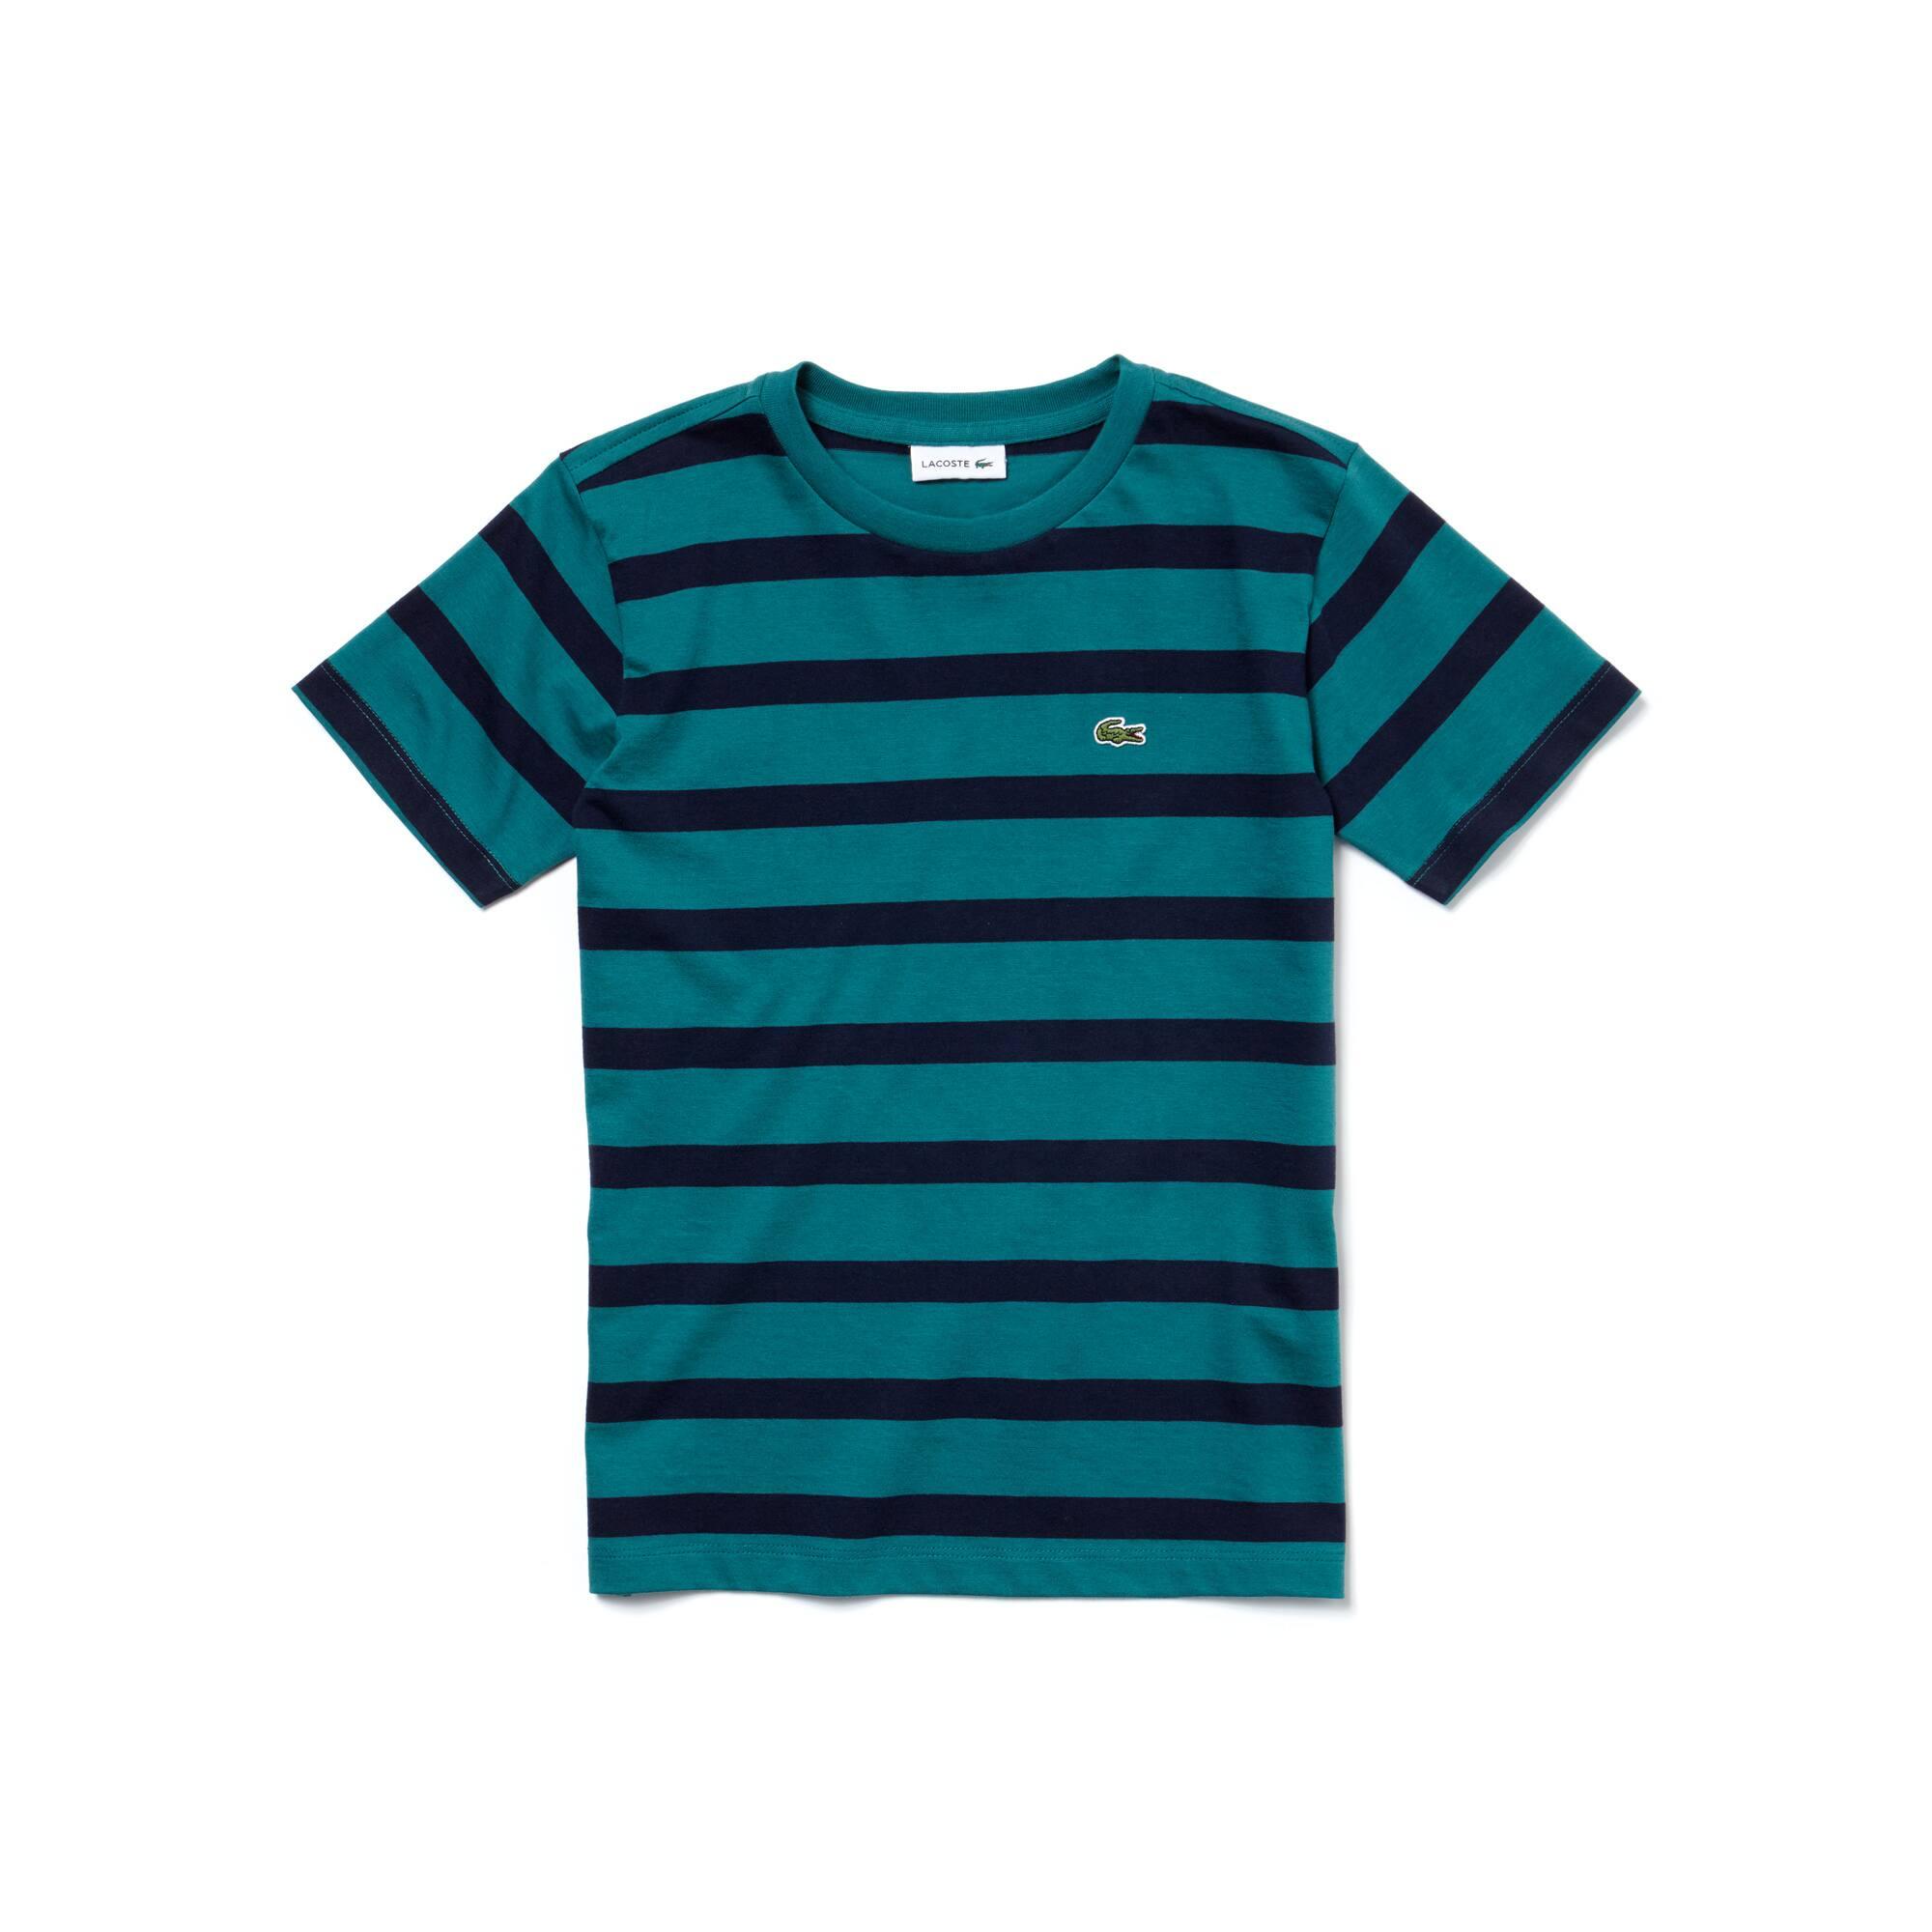 T-shirt Menino em jersey de algodão às riscas